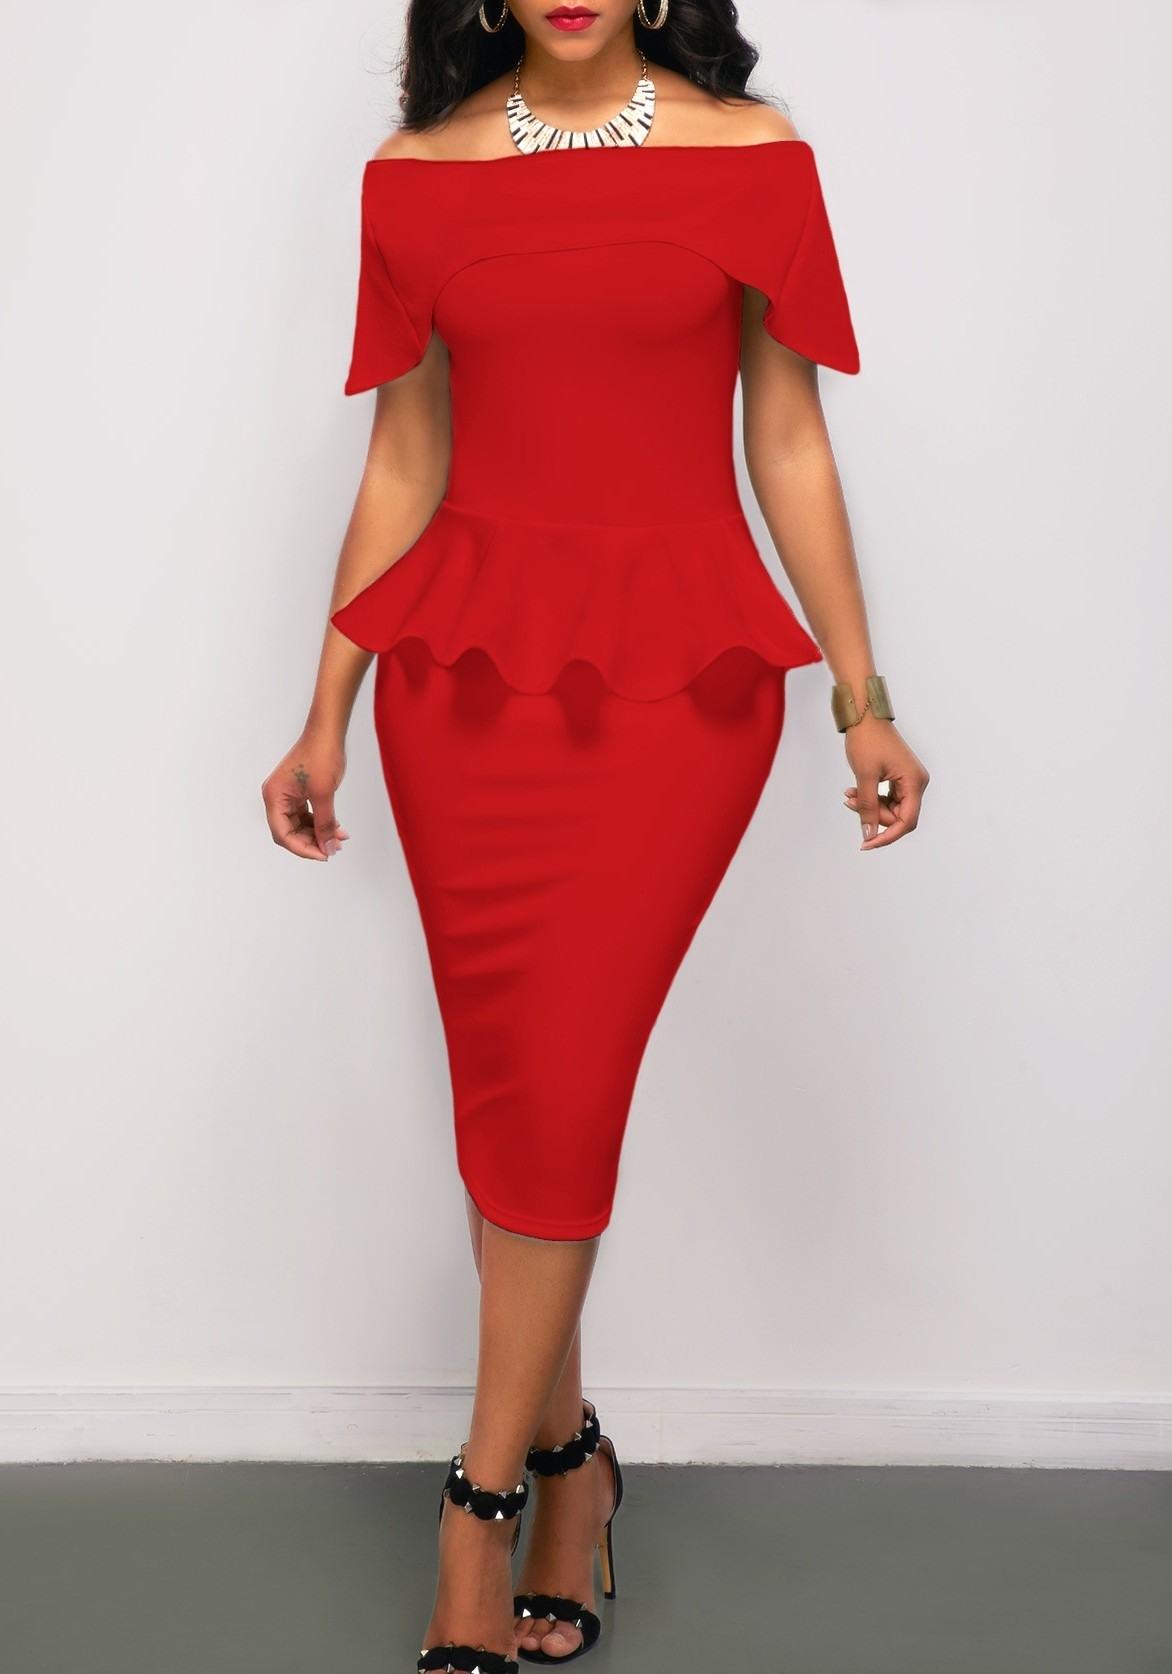 Abend Genial Rotes Enges Kleid Bester Preis10 Luxurius Rotes Enges Kleid Spezialgebiet